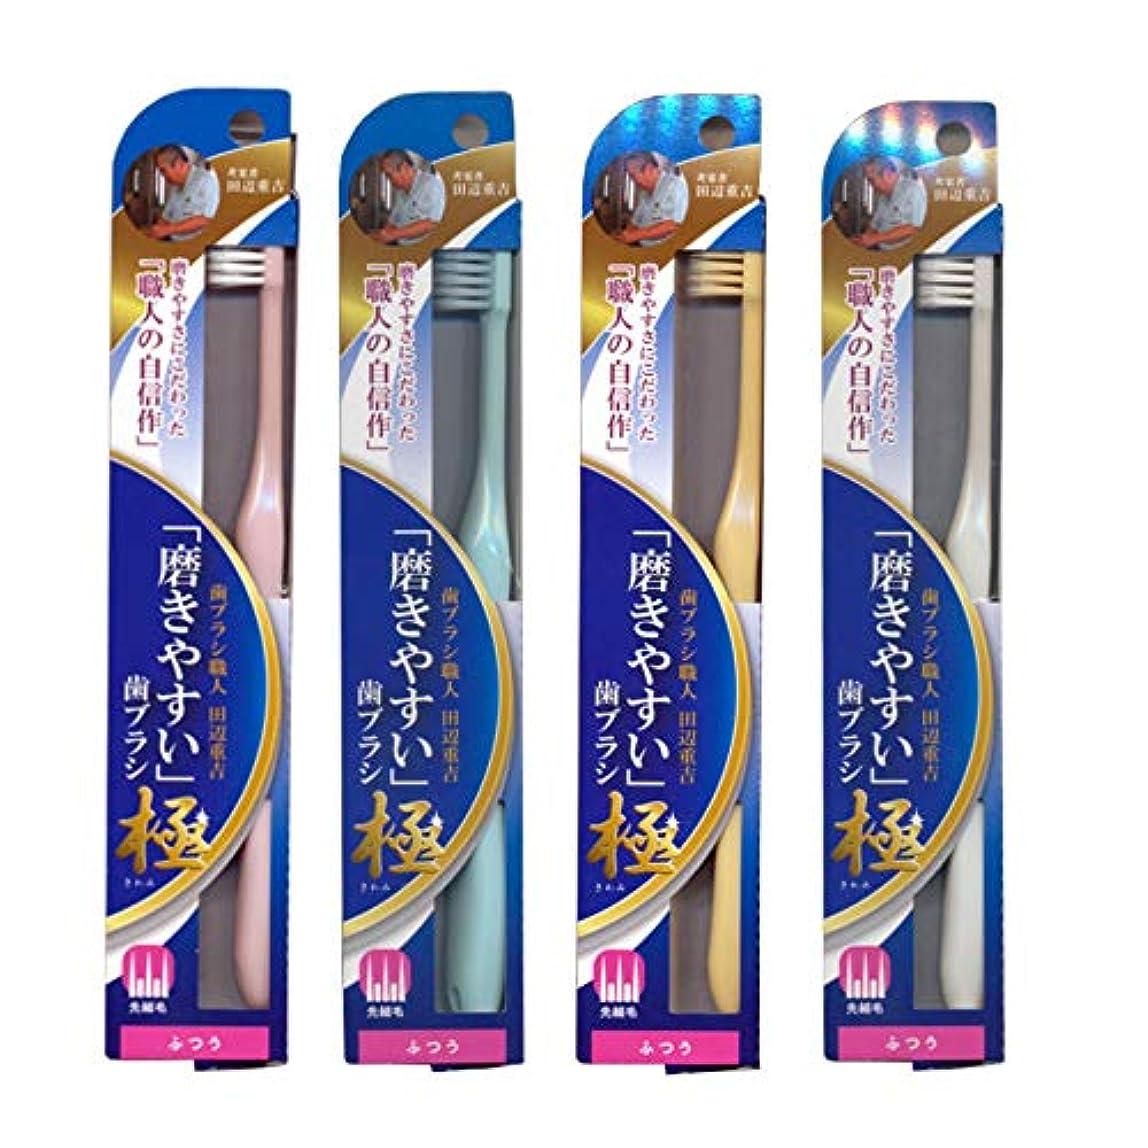 降伏テニス磁気磨きやすい歯ブラシ極 (ふつう) LT-44×4本セット(ピンク×1、ブルー×1、ホワイト×1、イエロー×1)先細毛